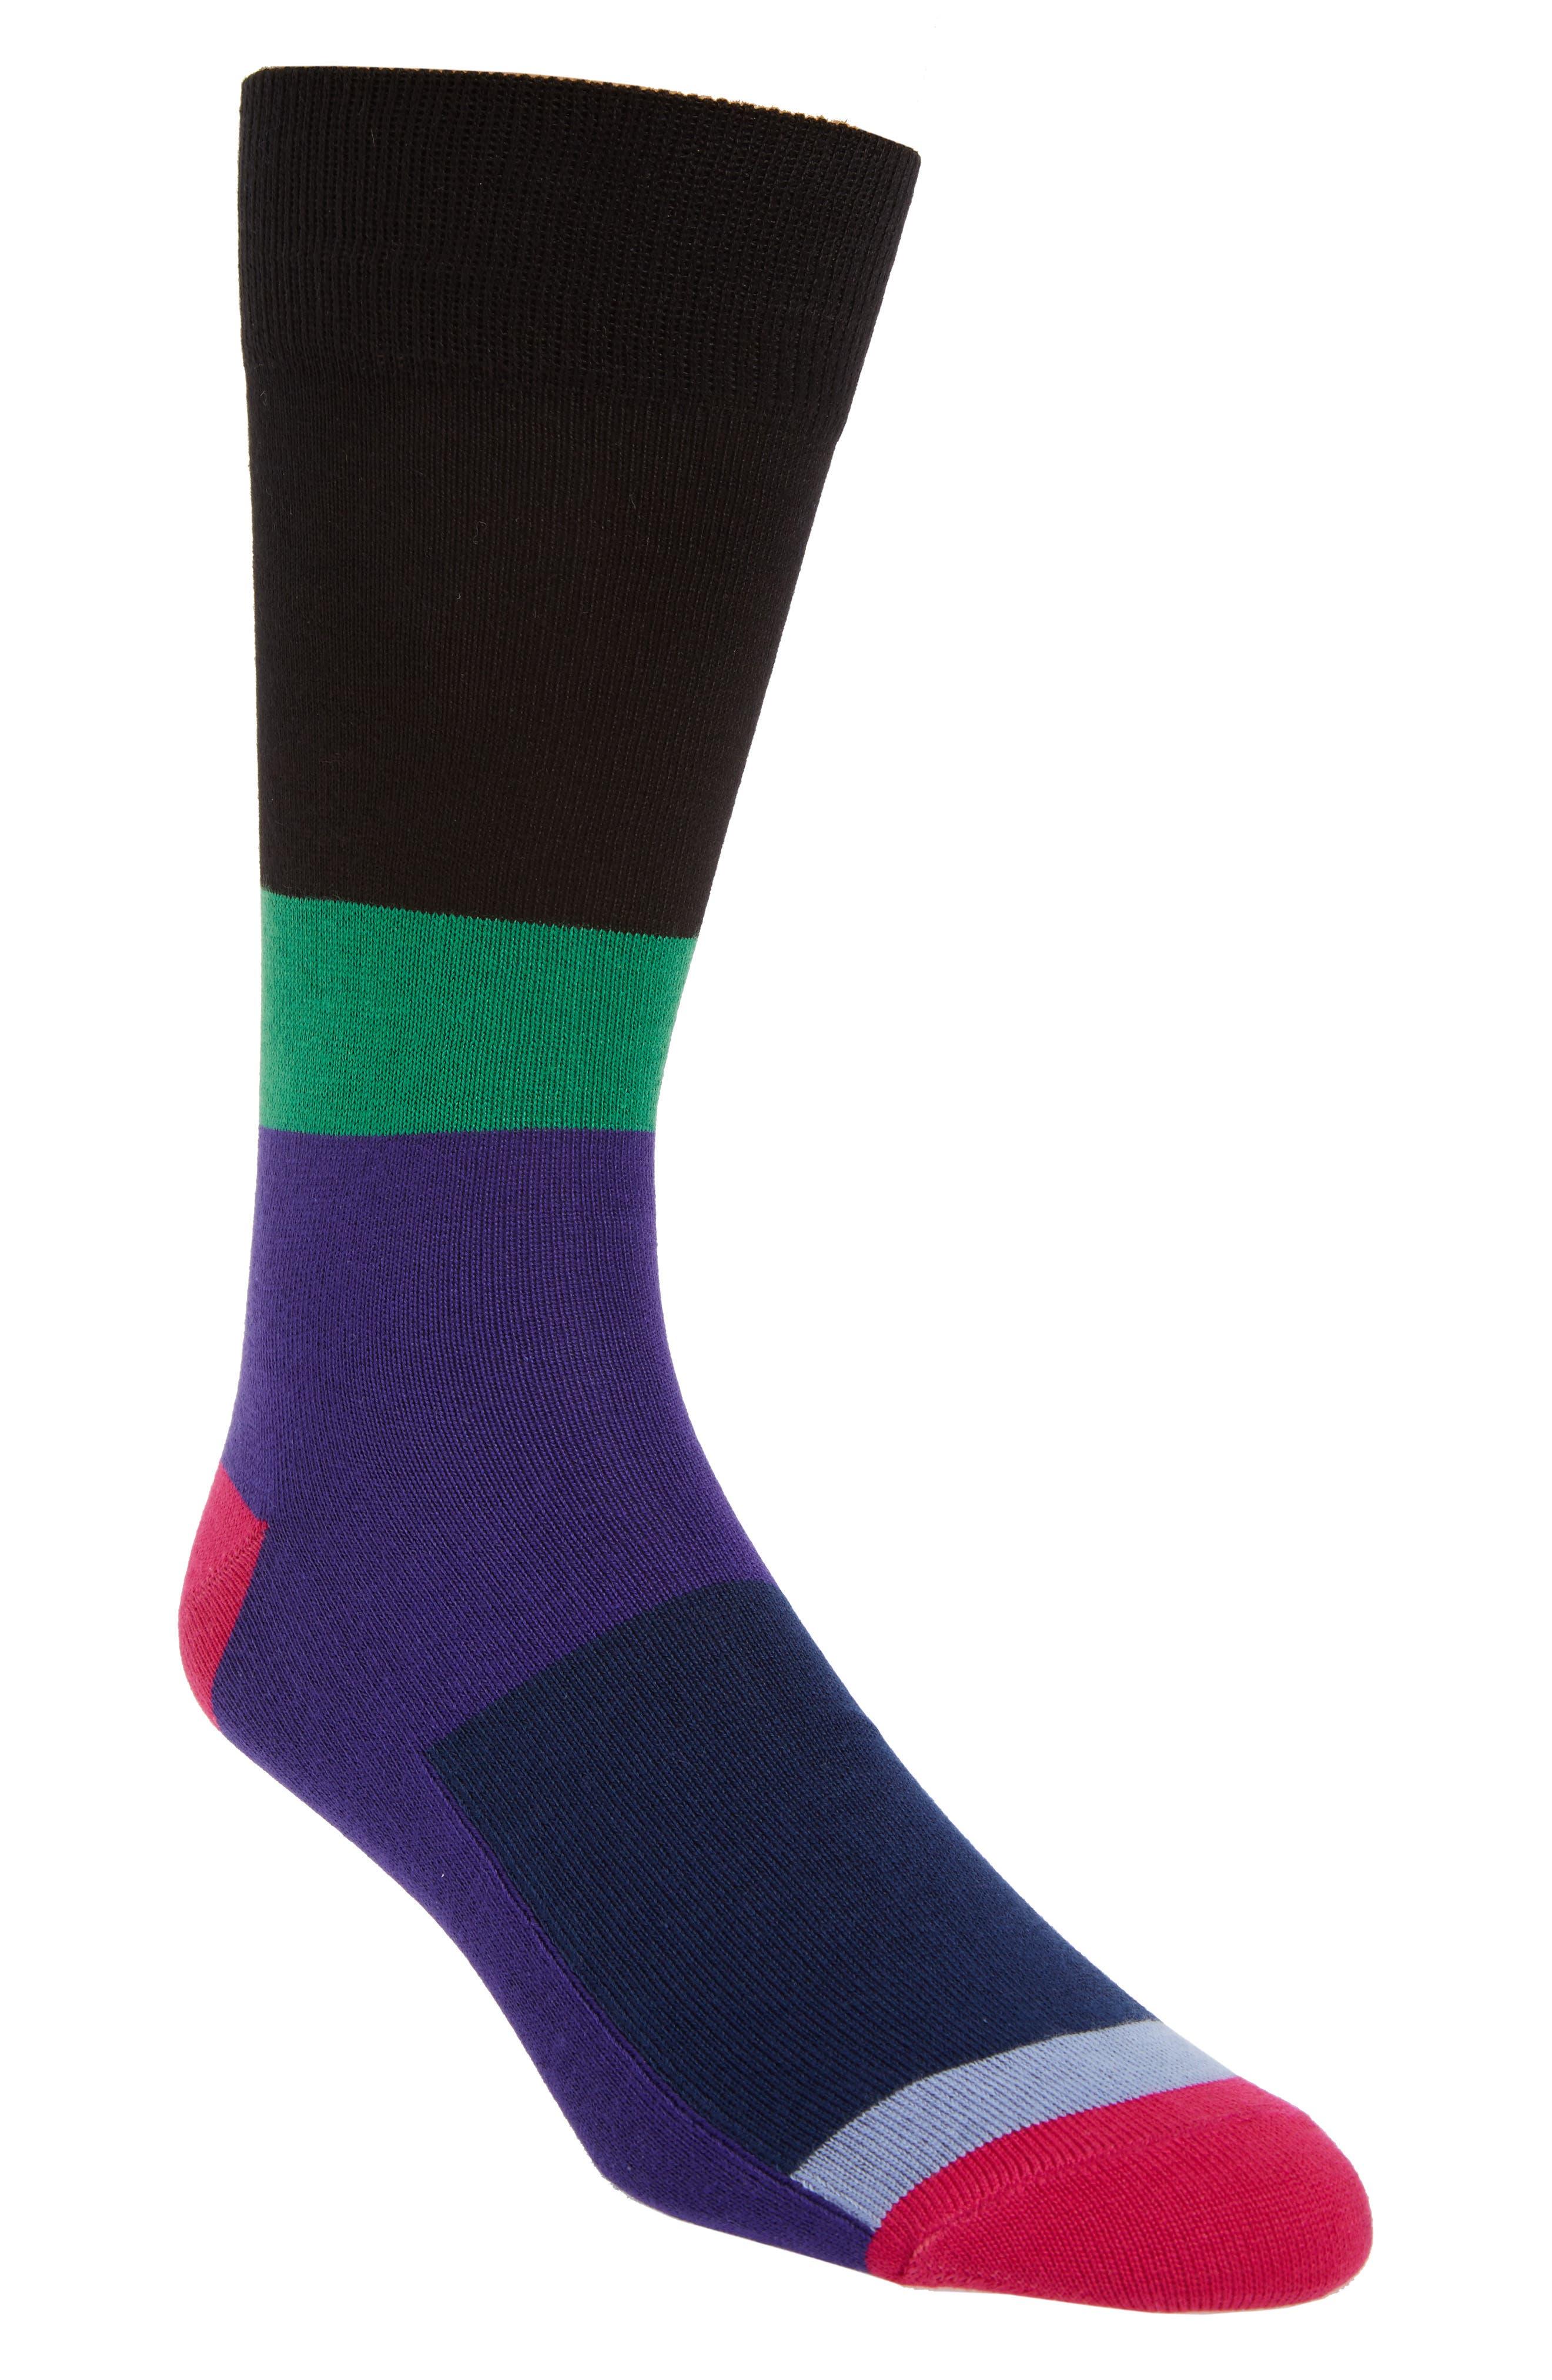 Go-Go Socks,                             Main thumbnail 1, color,